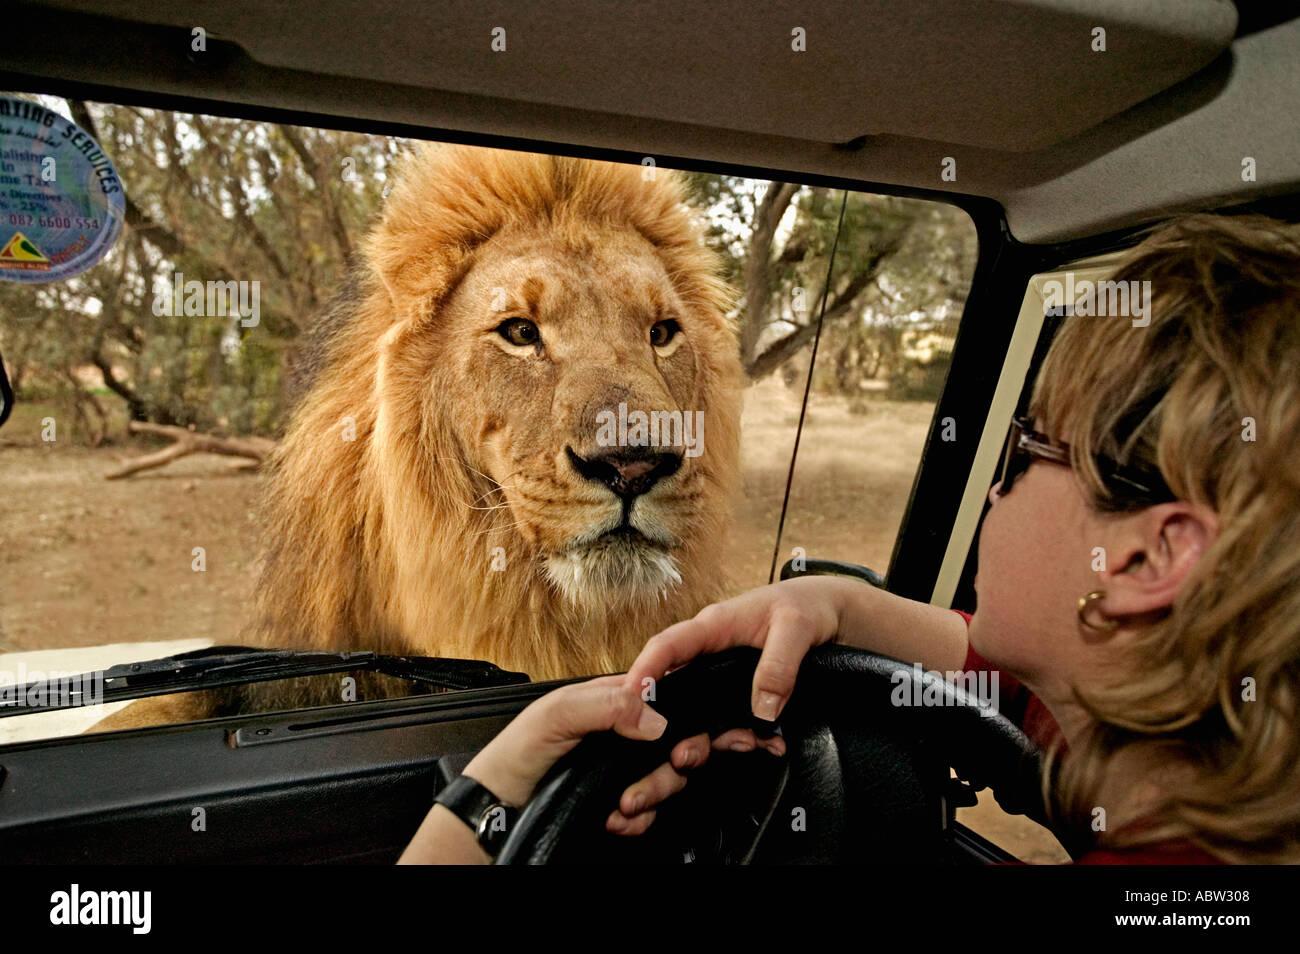 Lion Panthera leo Lion à la fenêtre par modèle de véhicule de tourisme d'Afrique du Sud parution Dist l'Afrique subsaharienne Photo Stock